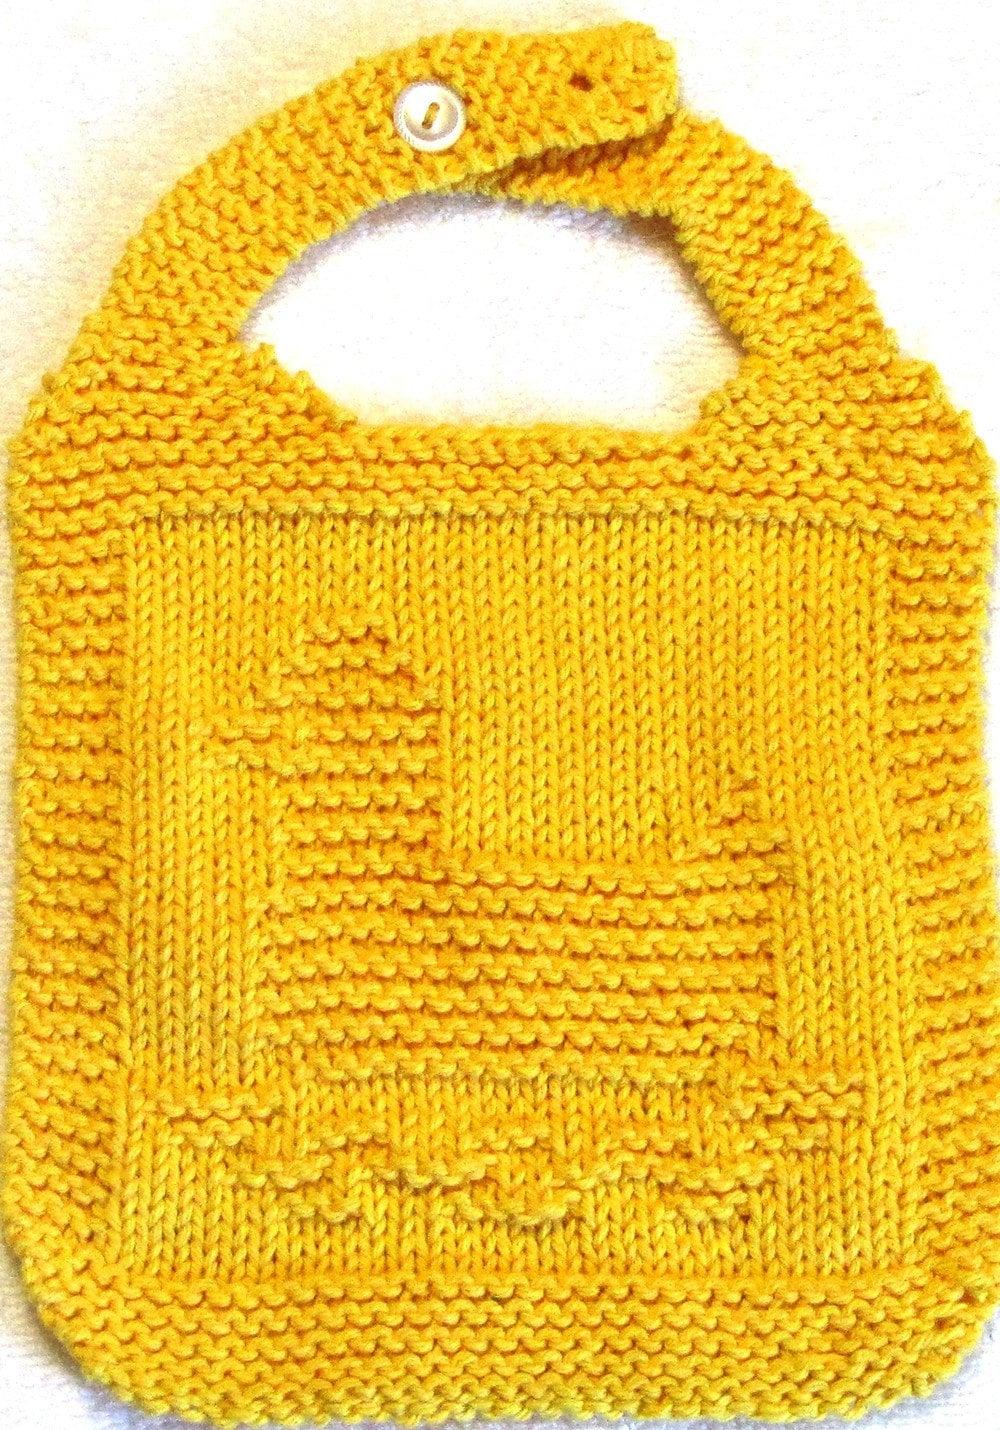 Duck Knitting Pattern : Bib Knitting Pattern RUBBER DUCK PDF by ezcareknits on Etsy